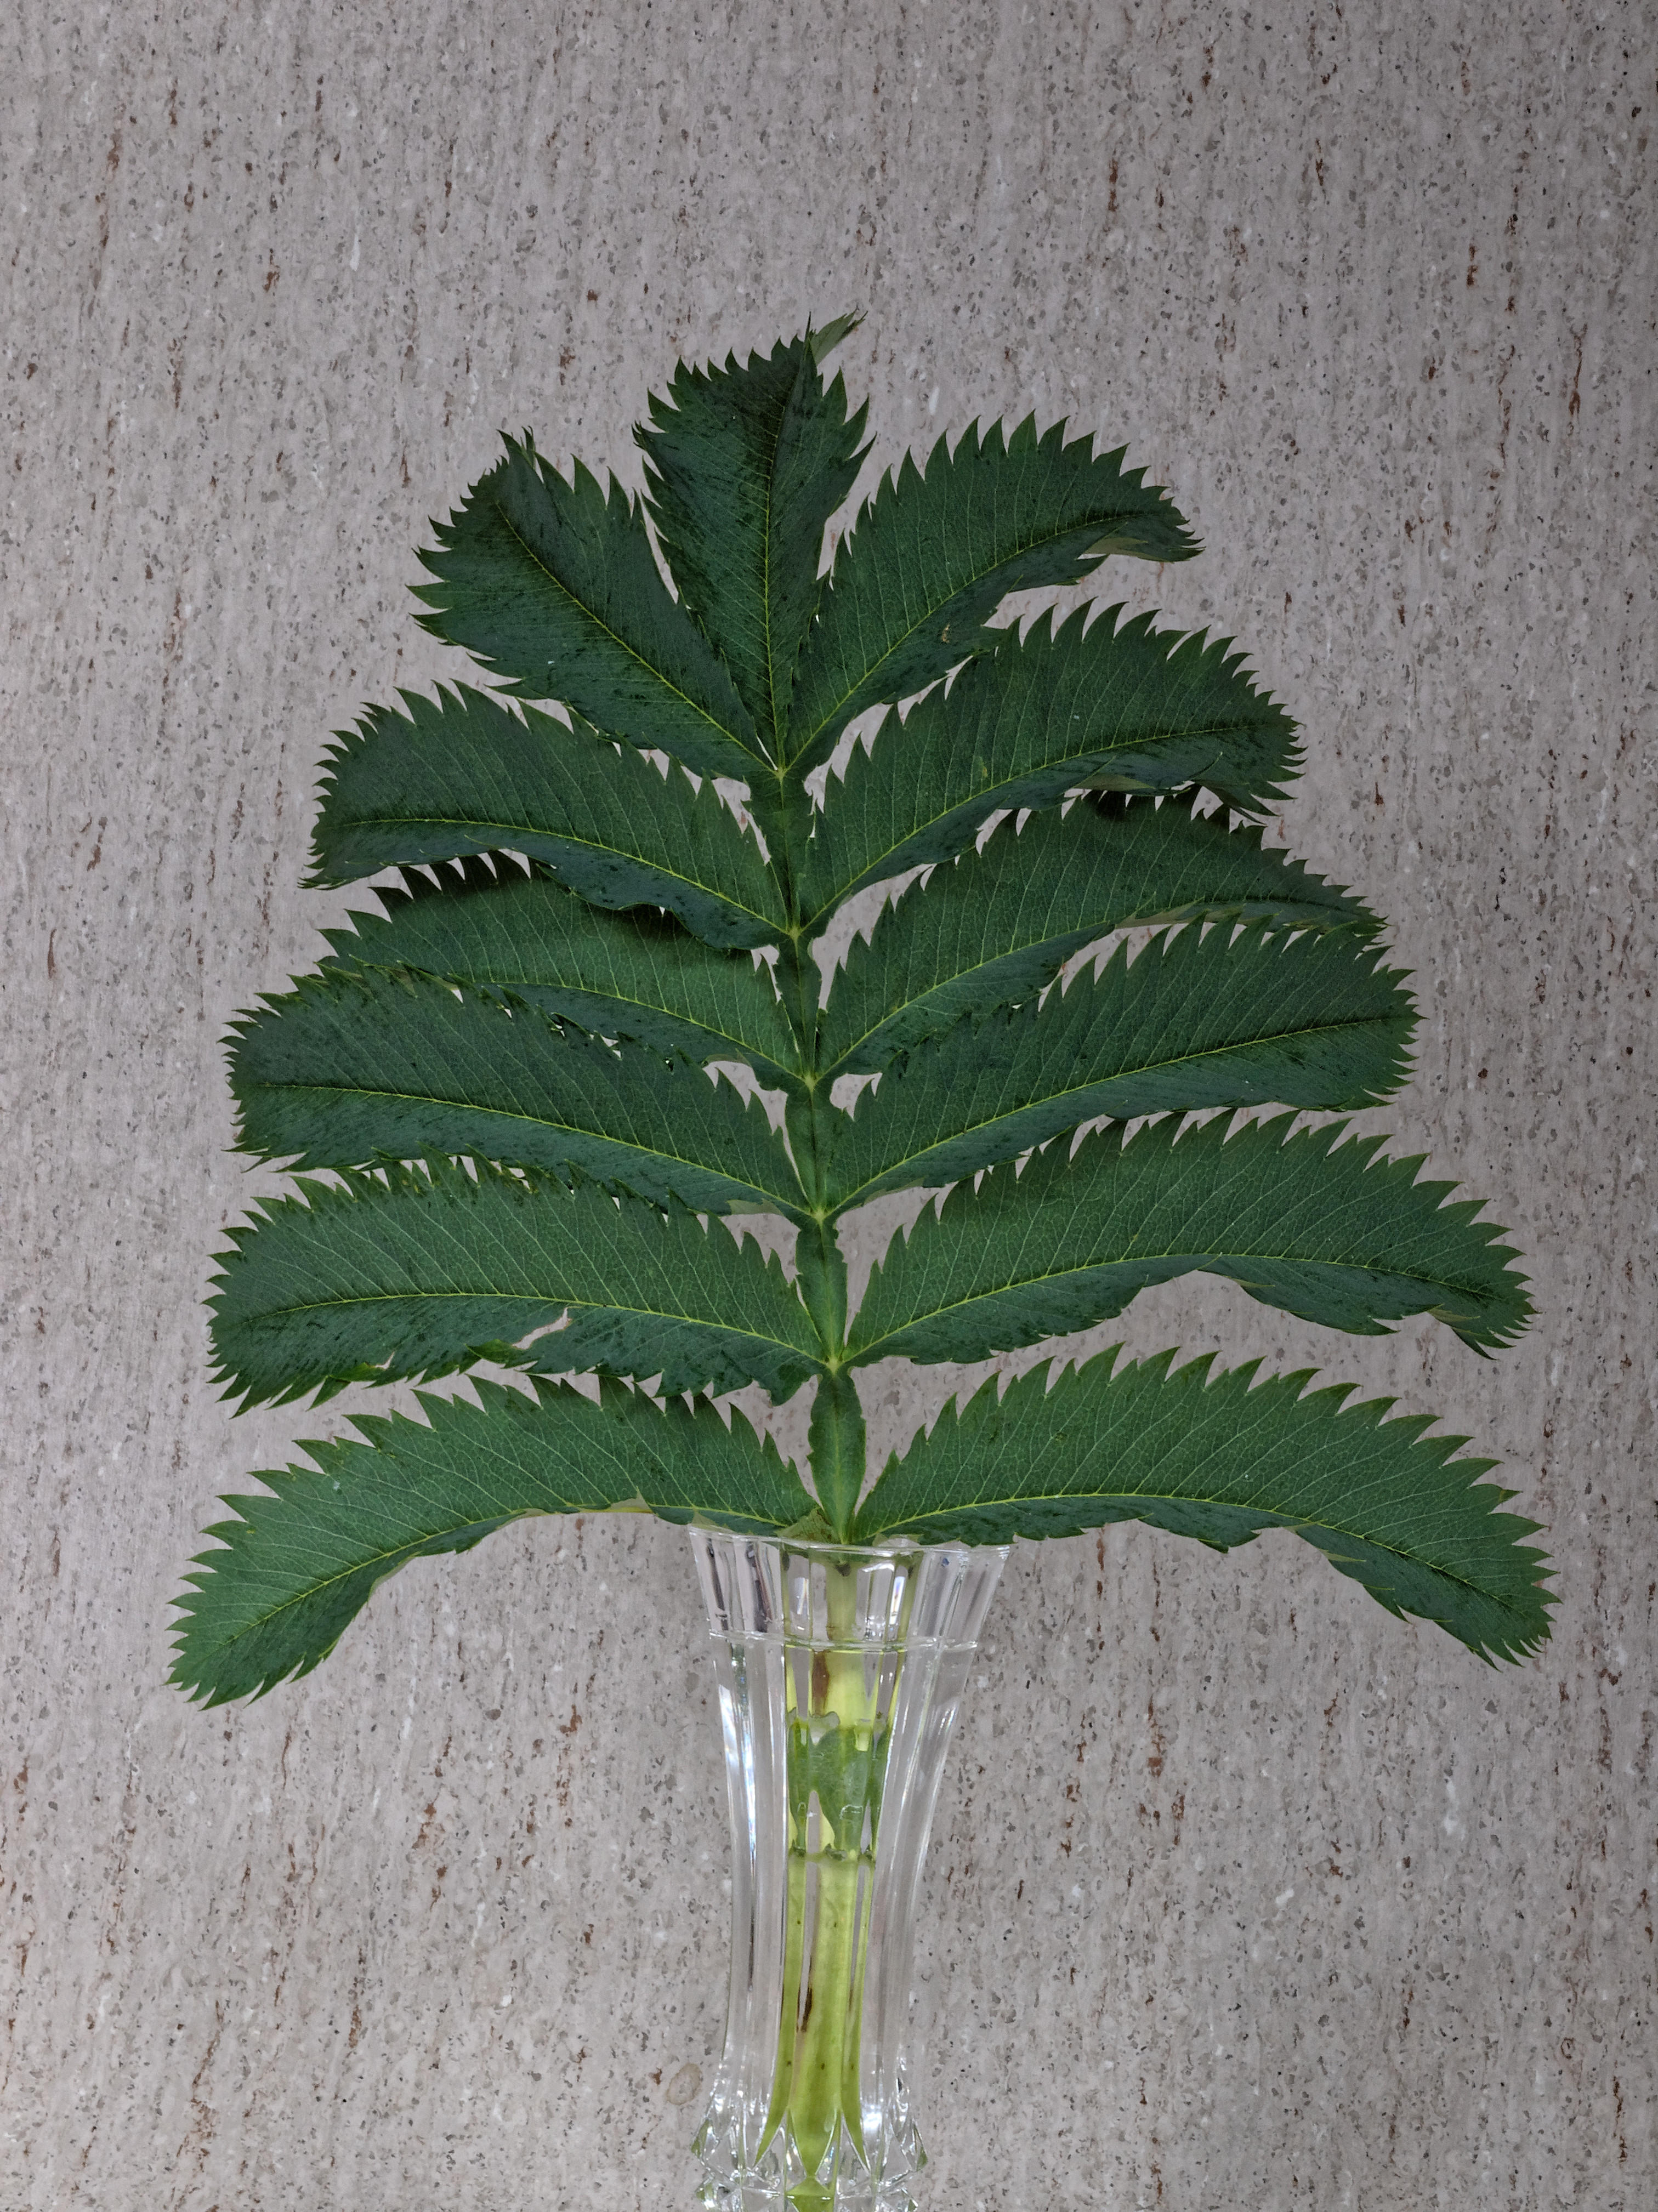 Mystery-plant-2.jpeg